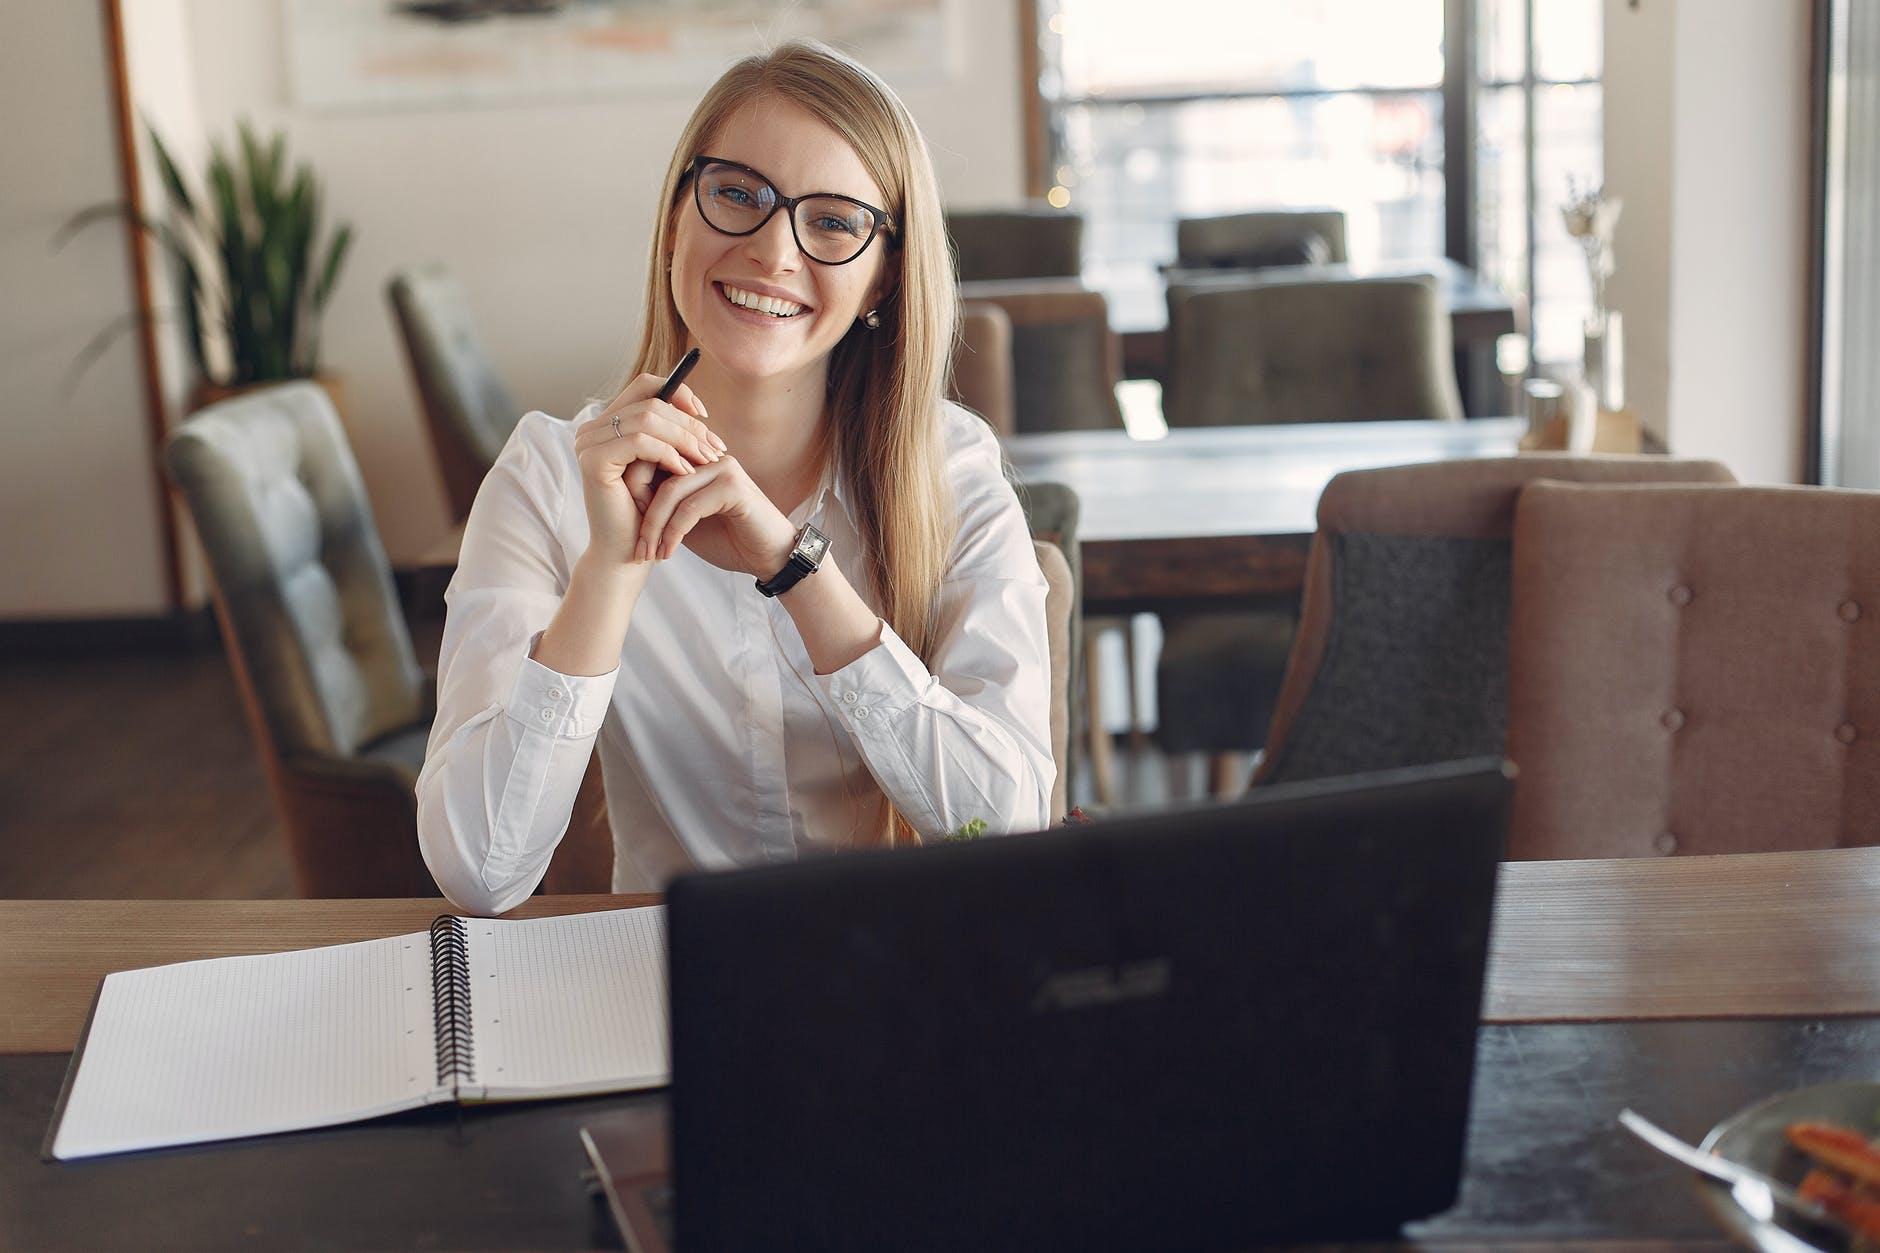 menina sorrindo em frente a um notebook.